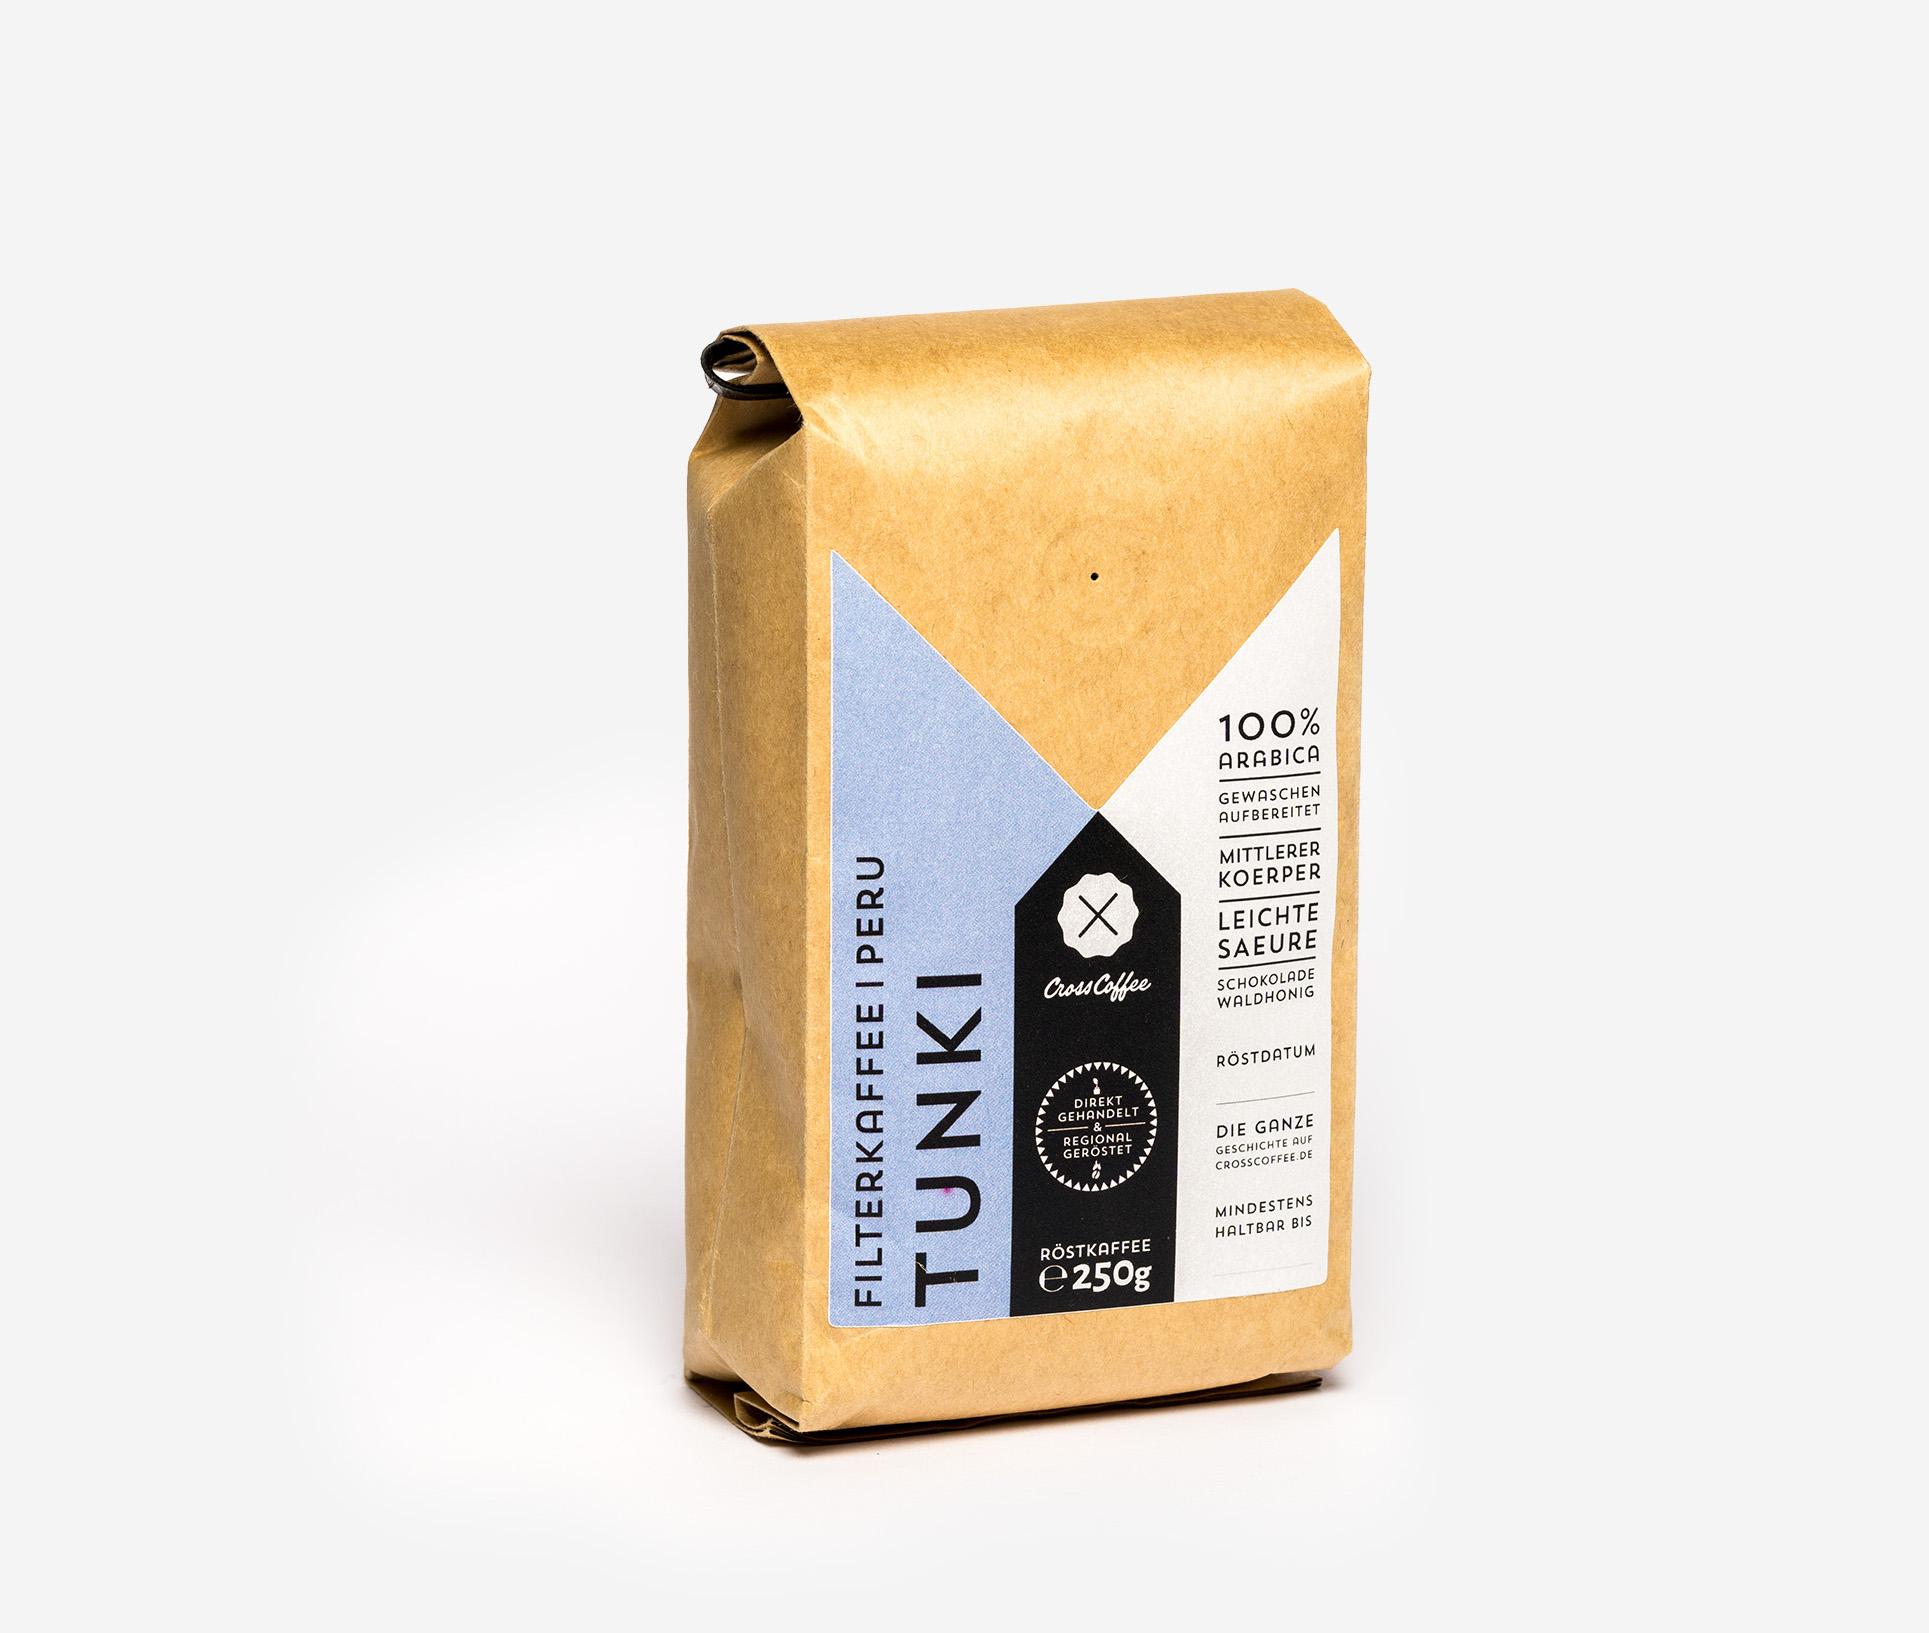 filterkaffee kaffee zubeh r shop heimathaven oldenburg. Black Bedroom Furniture Sets. Home Design Ideas